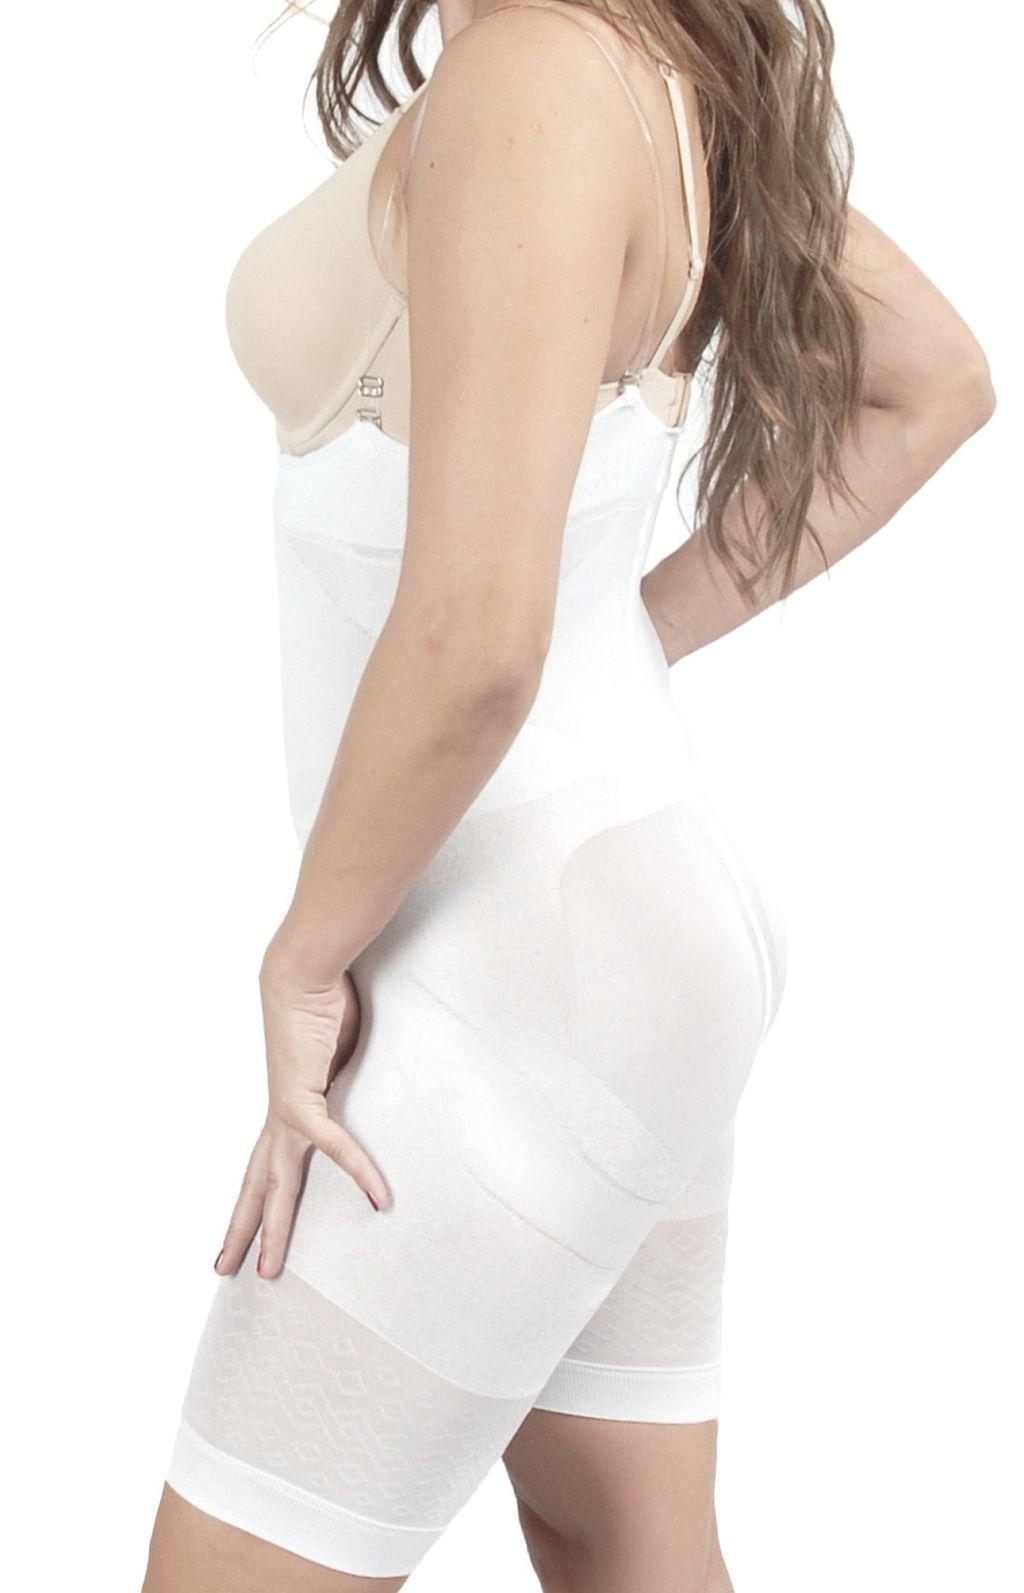 Mieder Bodyshaper figurformende Taillenformer Miederhose Bauchweg weiss S-XXXL